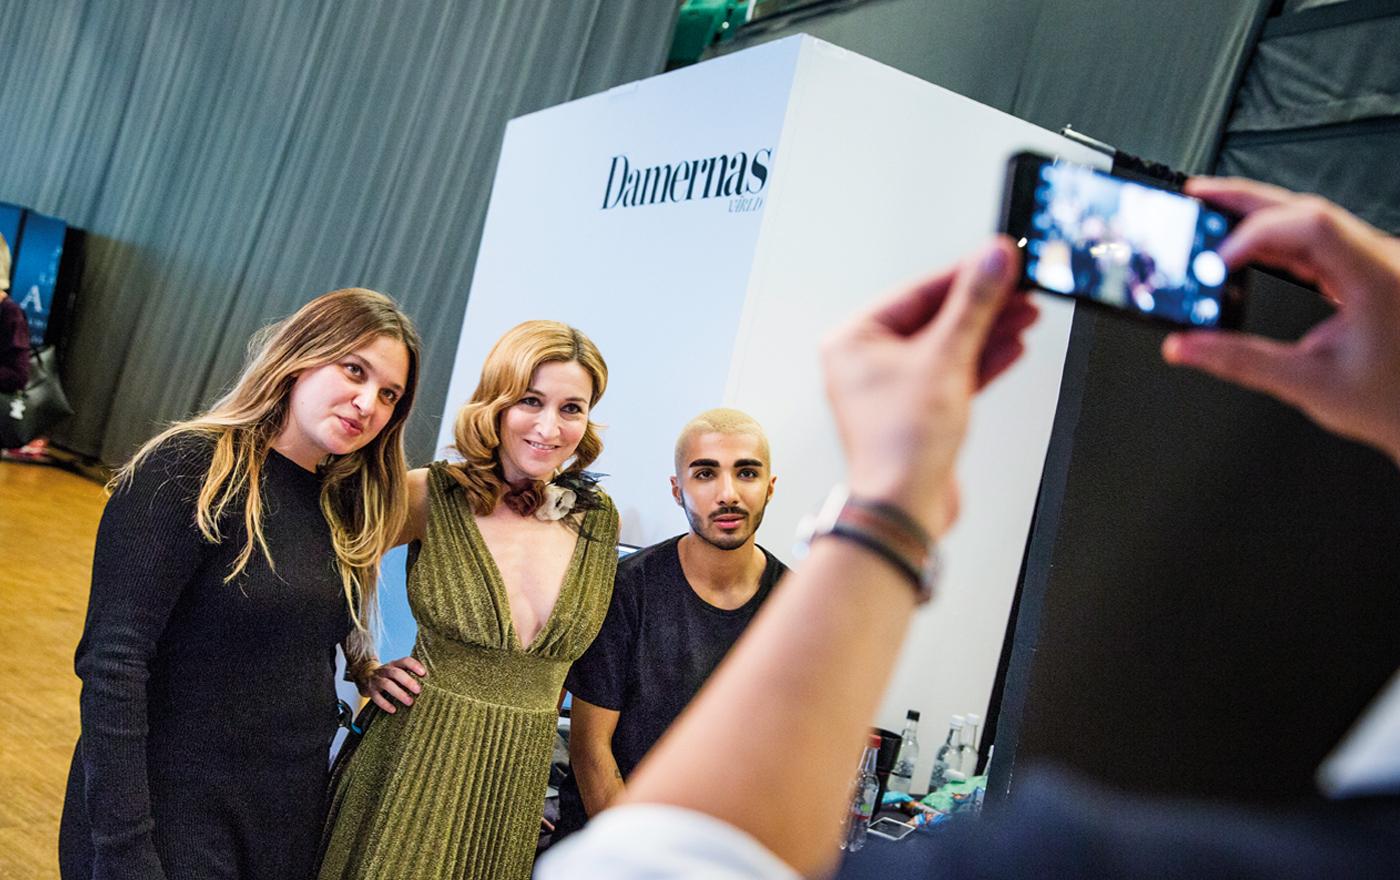 Martina tar en bild tillsamman med stylisten Nadia Kandil och modefotografen Rami Hanna.